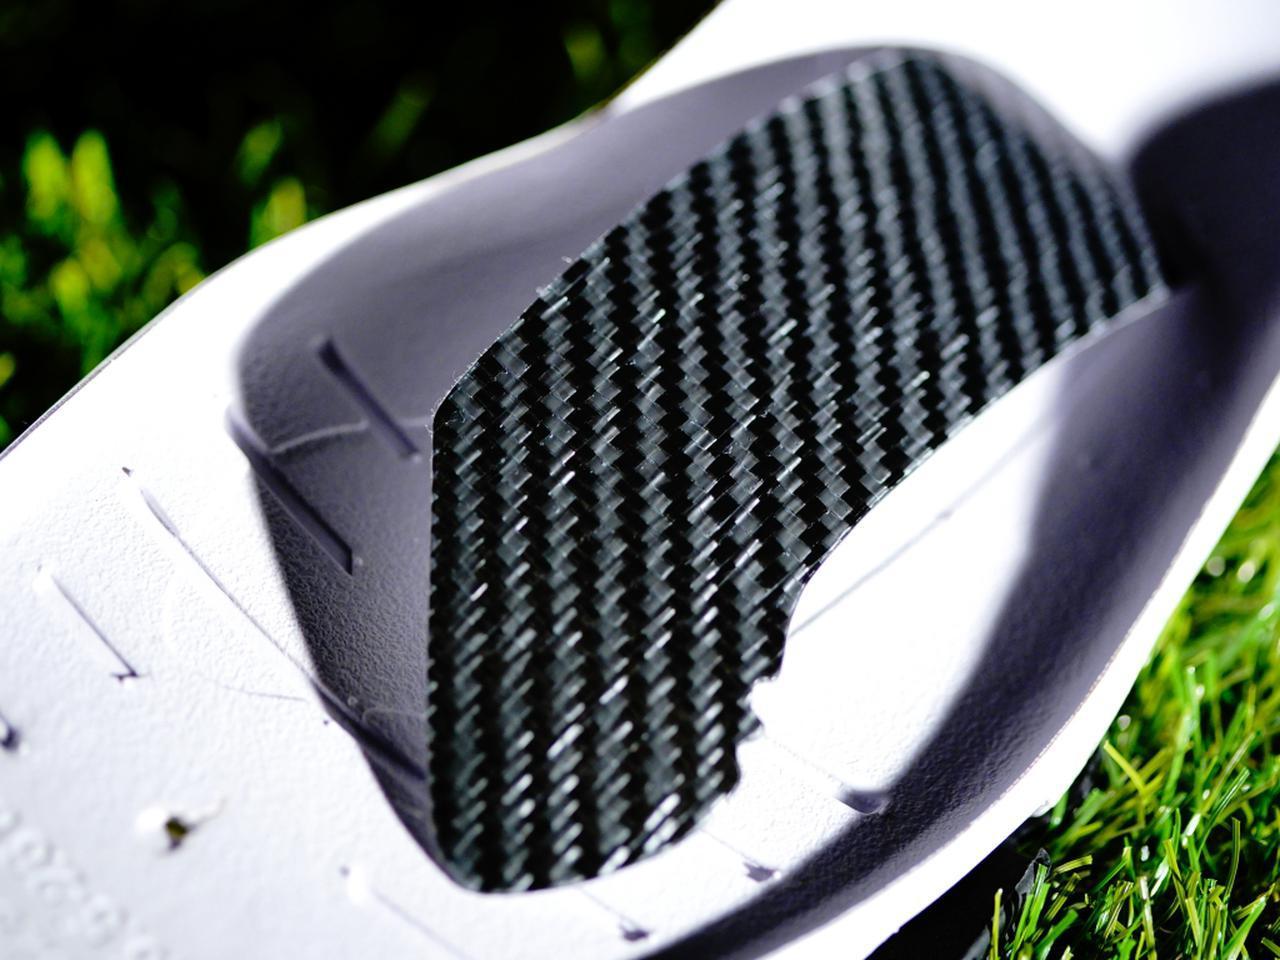 画像: 土踏まずの部分に埋め込まれたカーボン素材「KaRVO」。強度や反発力が高い素材でスウィングをサポート